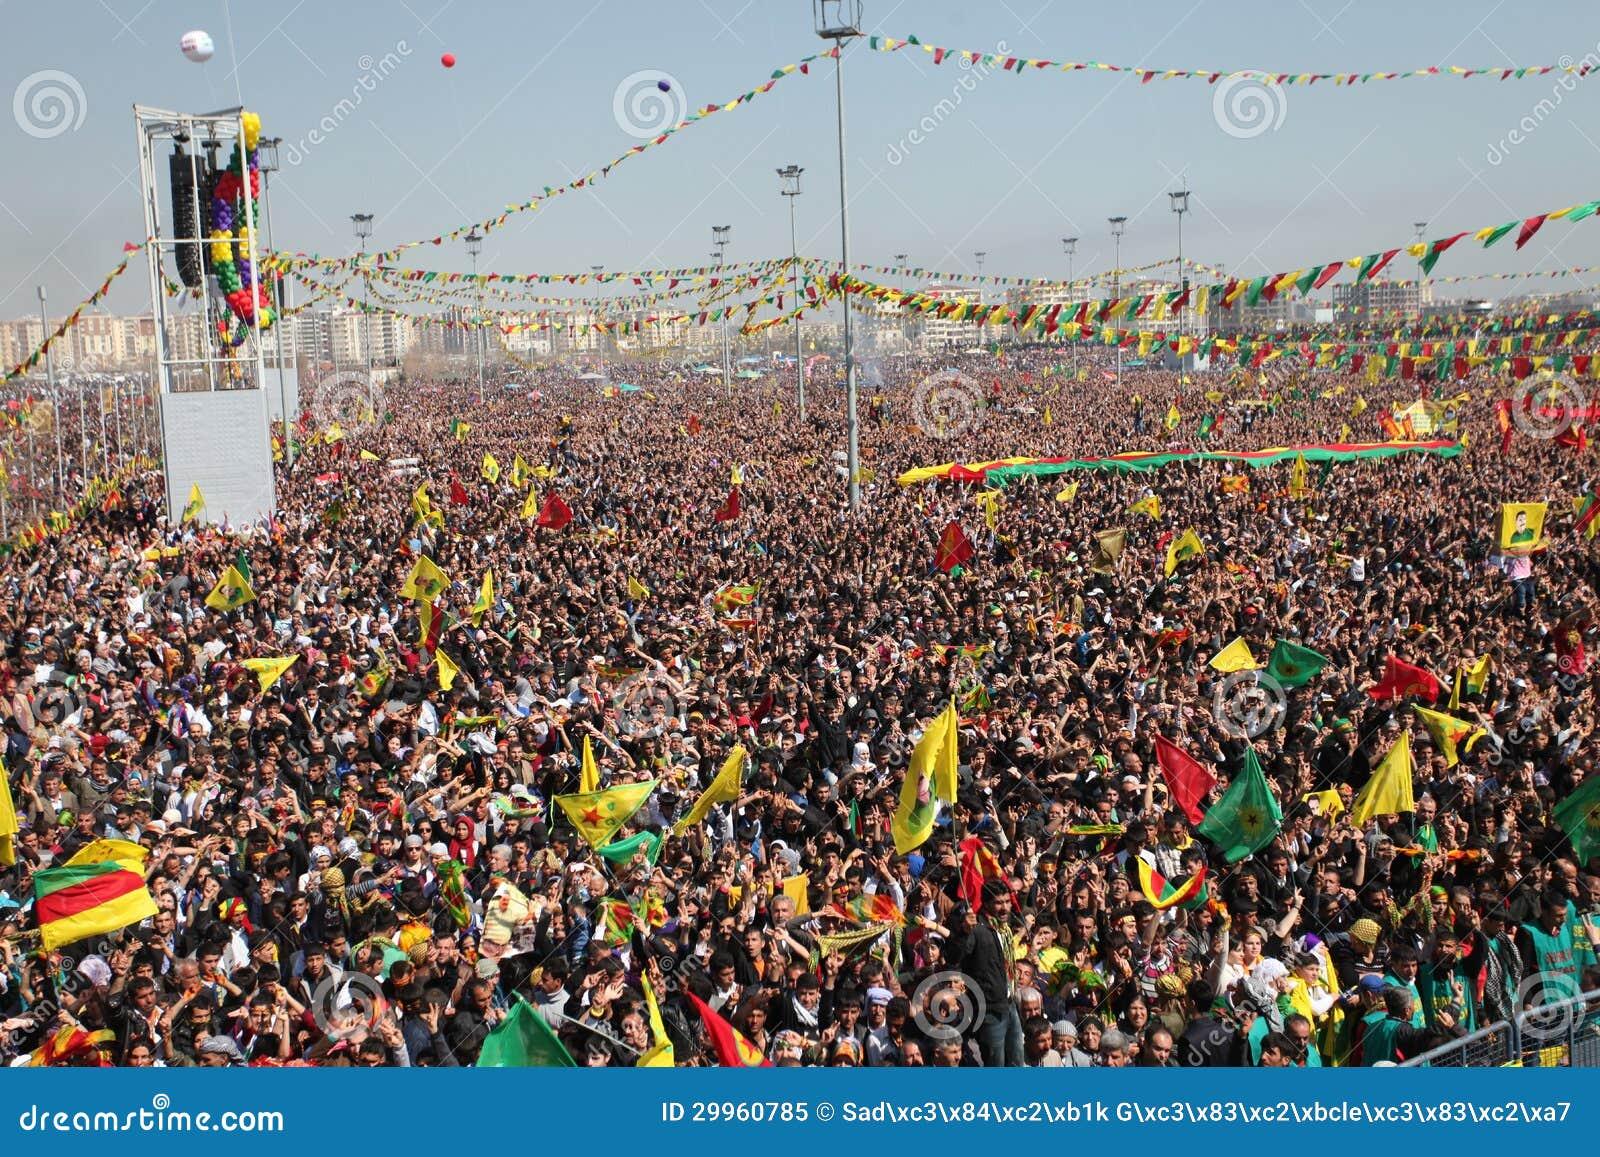 newroz à diyarbakir, turquie. image éditorial - image du dinde